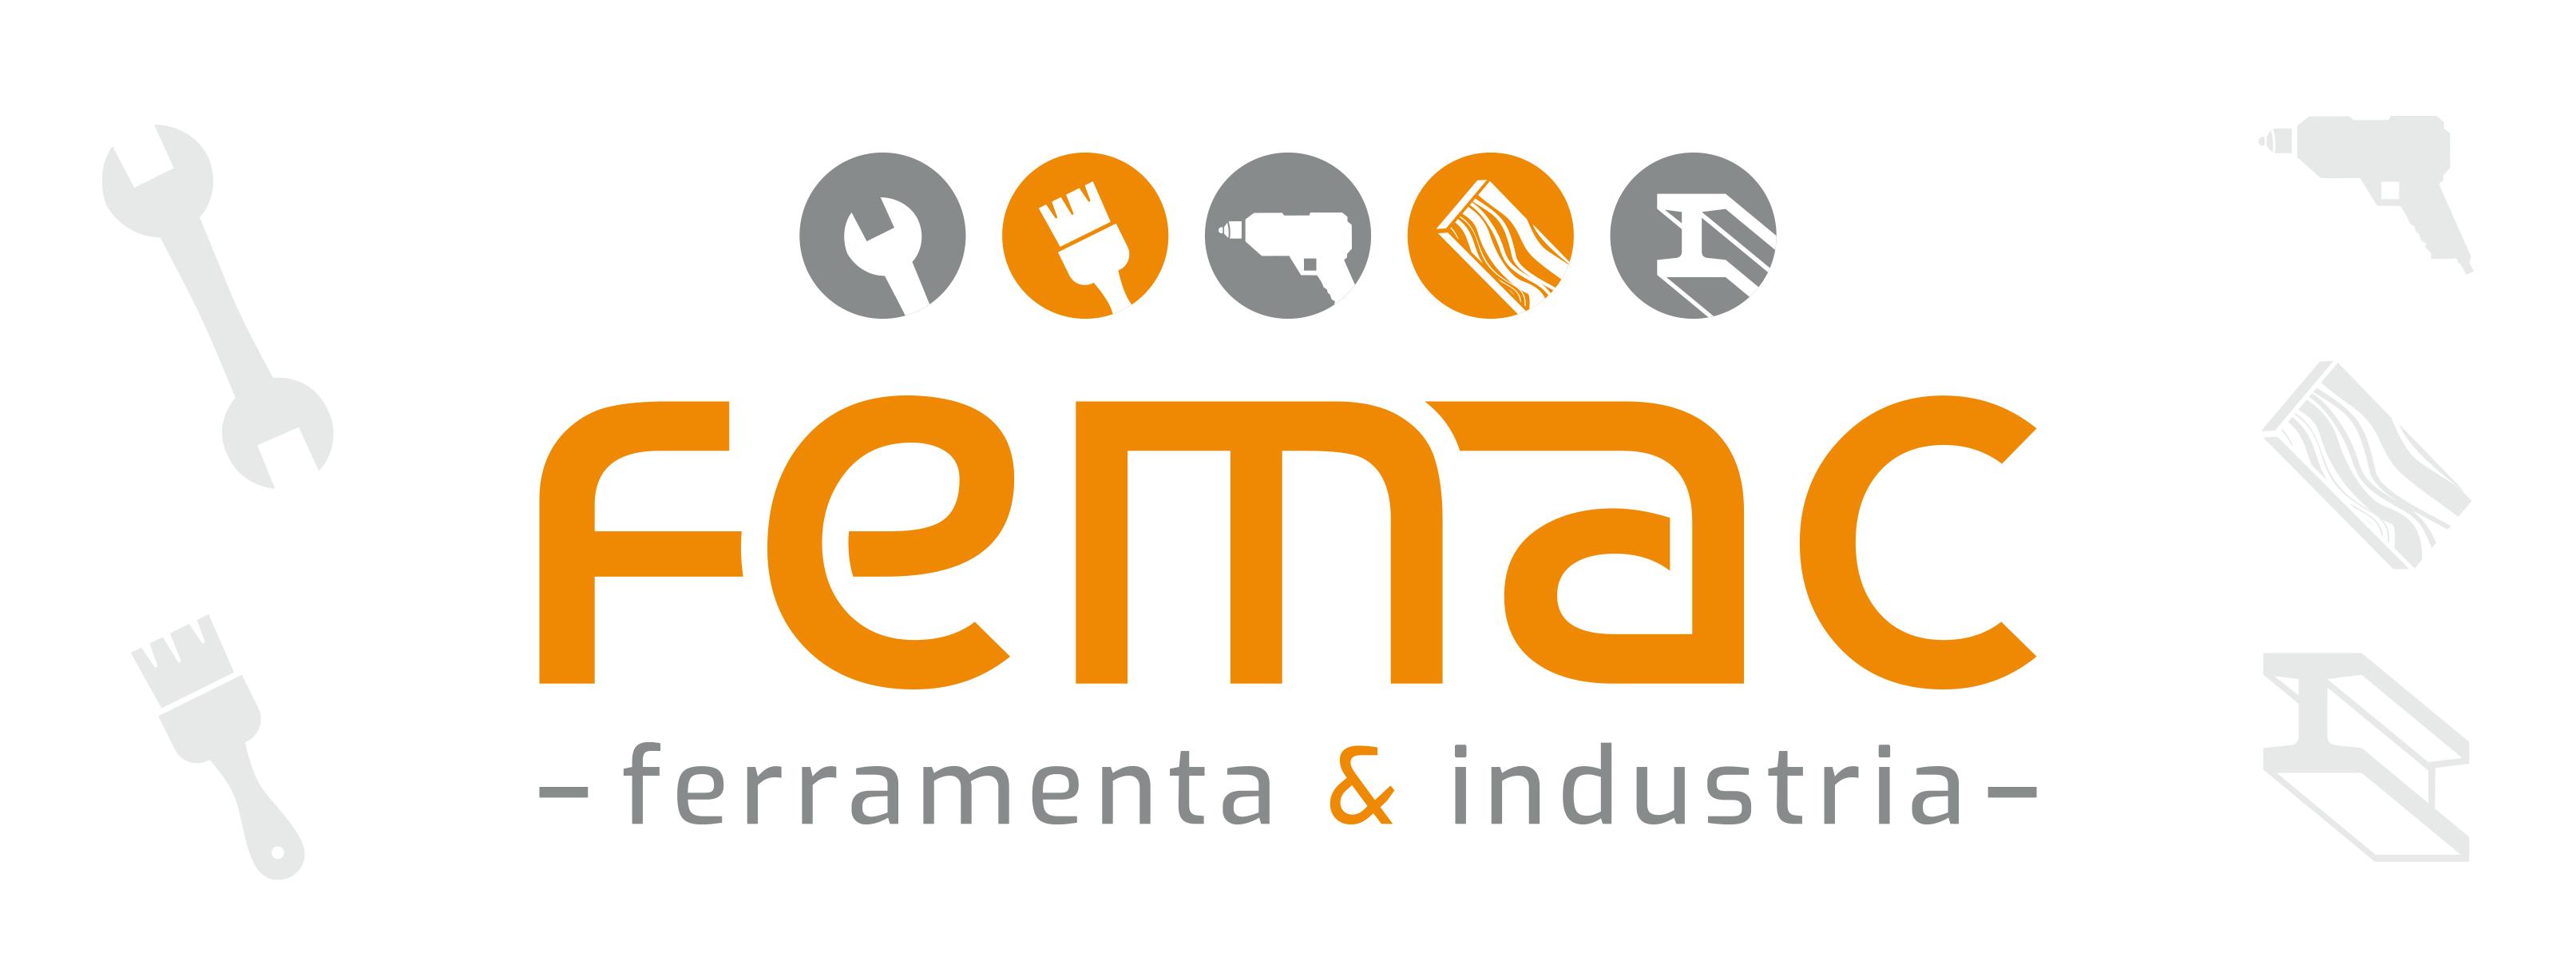 FE.MA.C. SNC DI VIVIANI & FERRONI  FERRAMENTA - 1